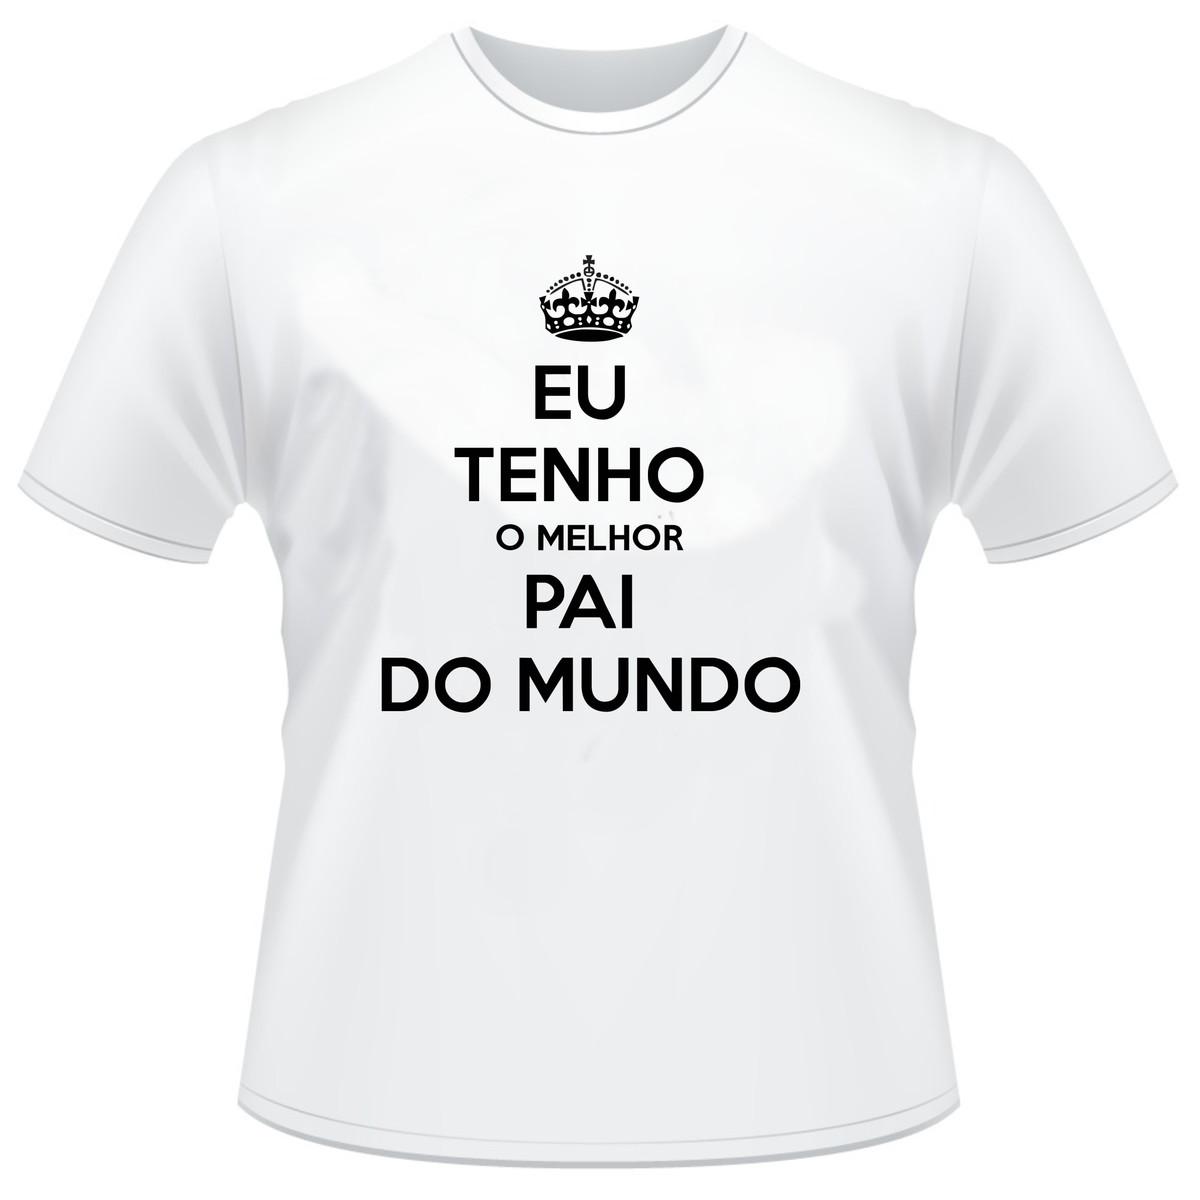 2f89a69d98657 Camiseta Eu Tenho o Melhor Pai do Mundo no Elo7